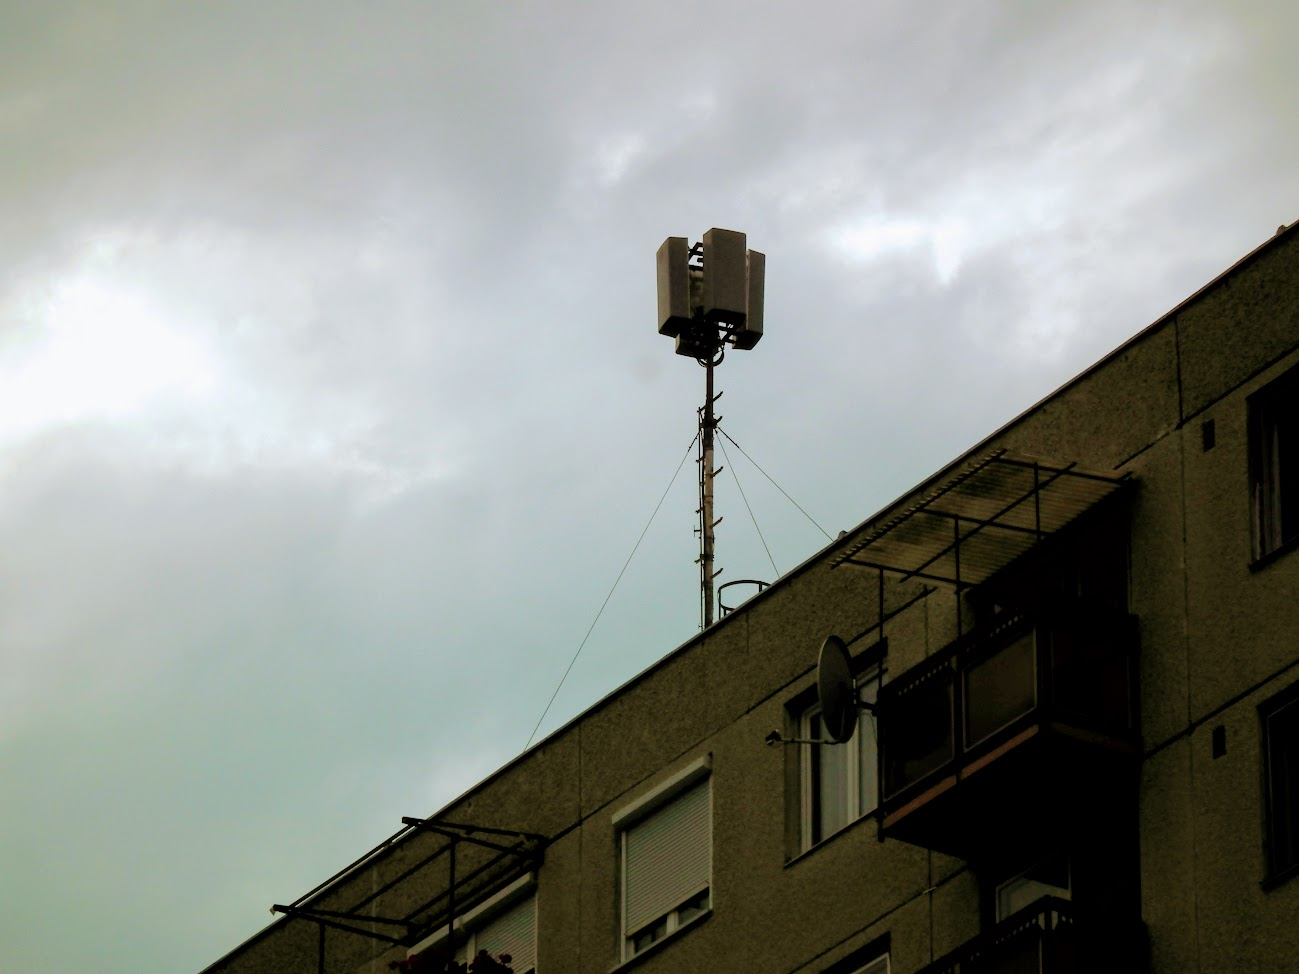 Hajdúszoboszló/toronyház, Szilfákalja 8. - helyi DVB-T adóállomás